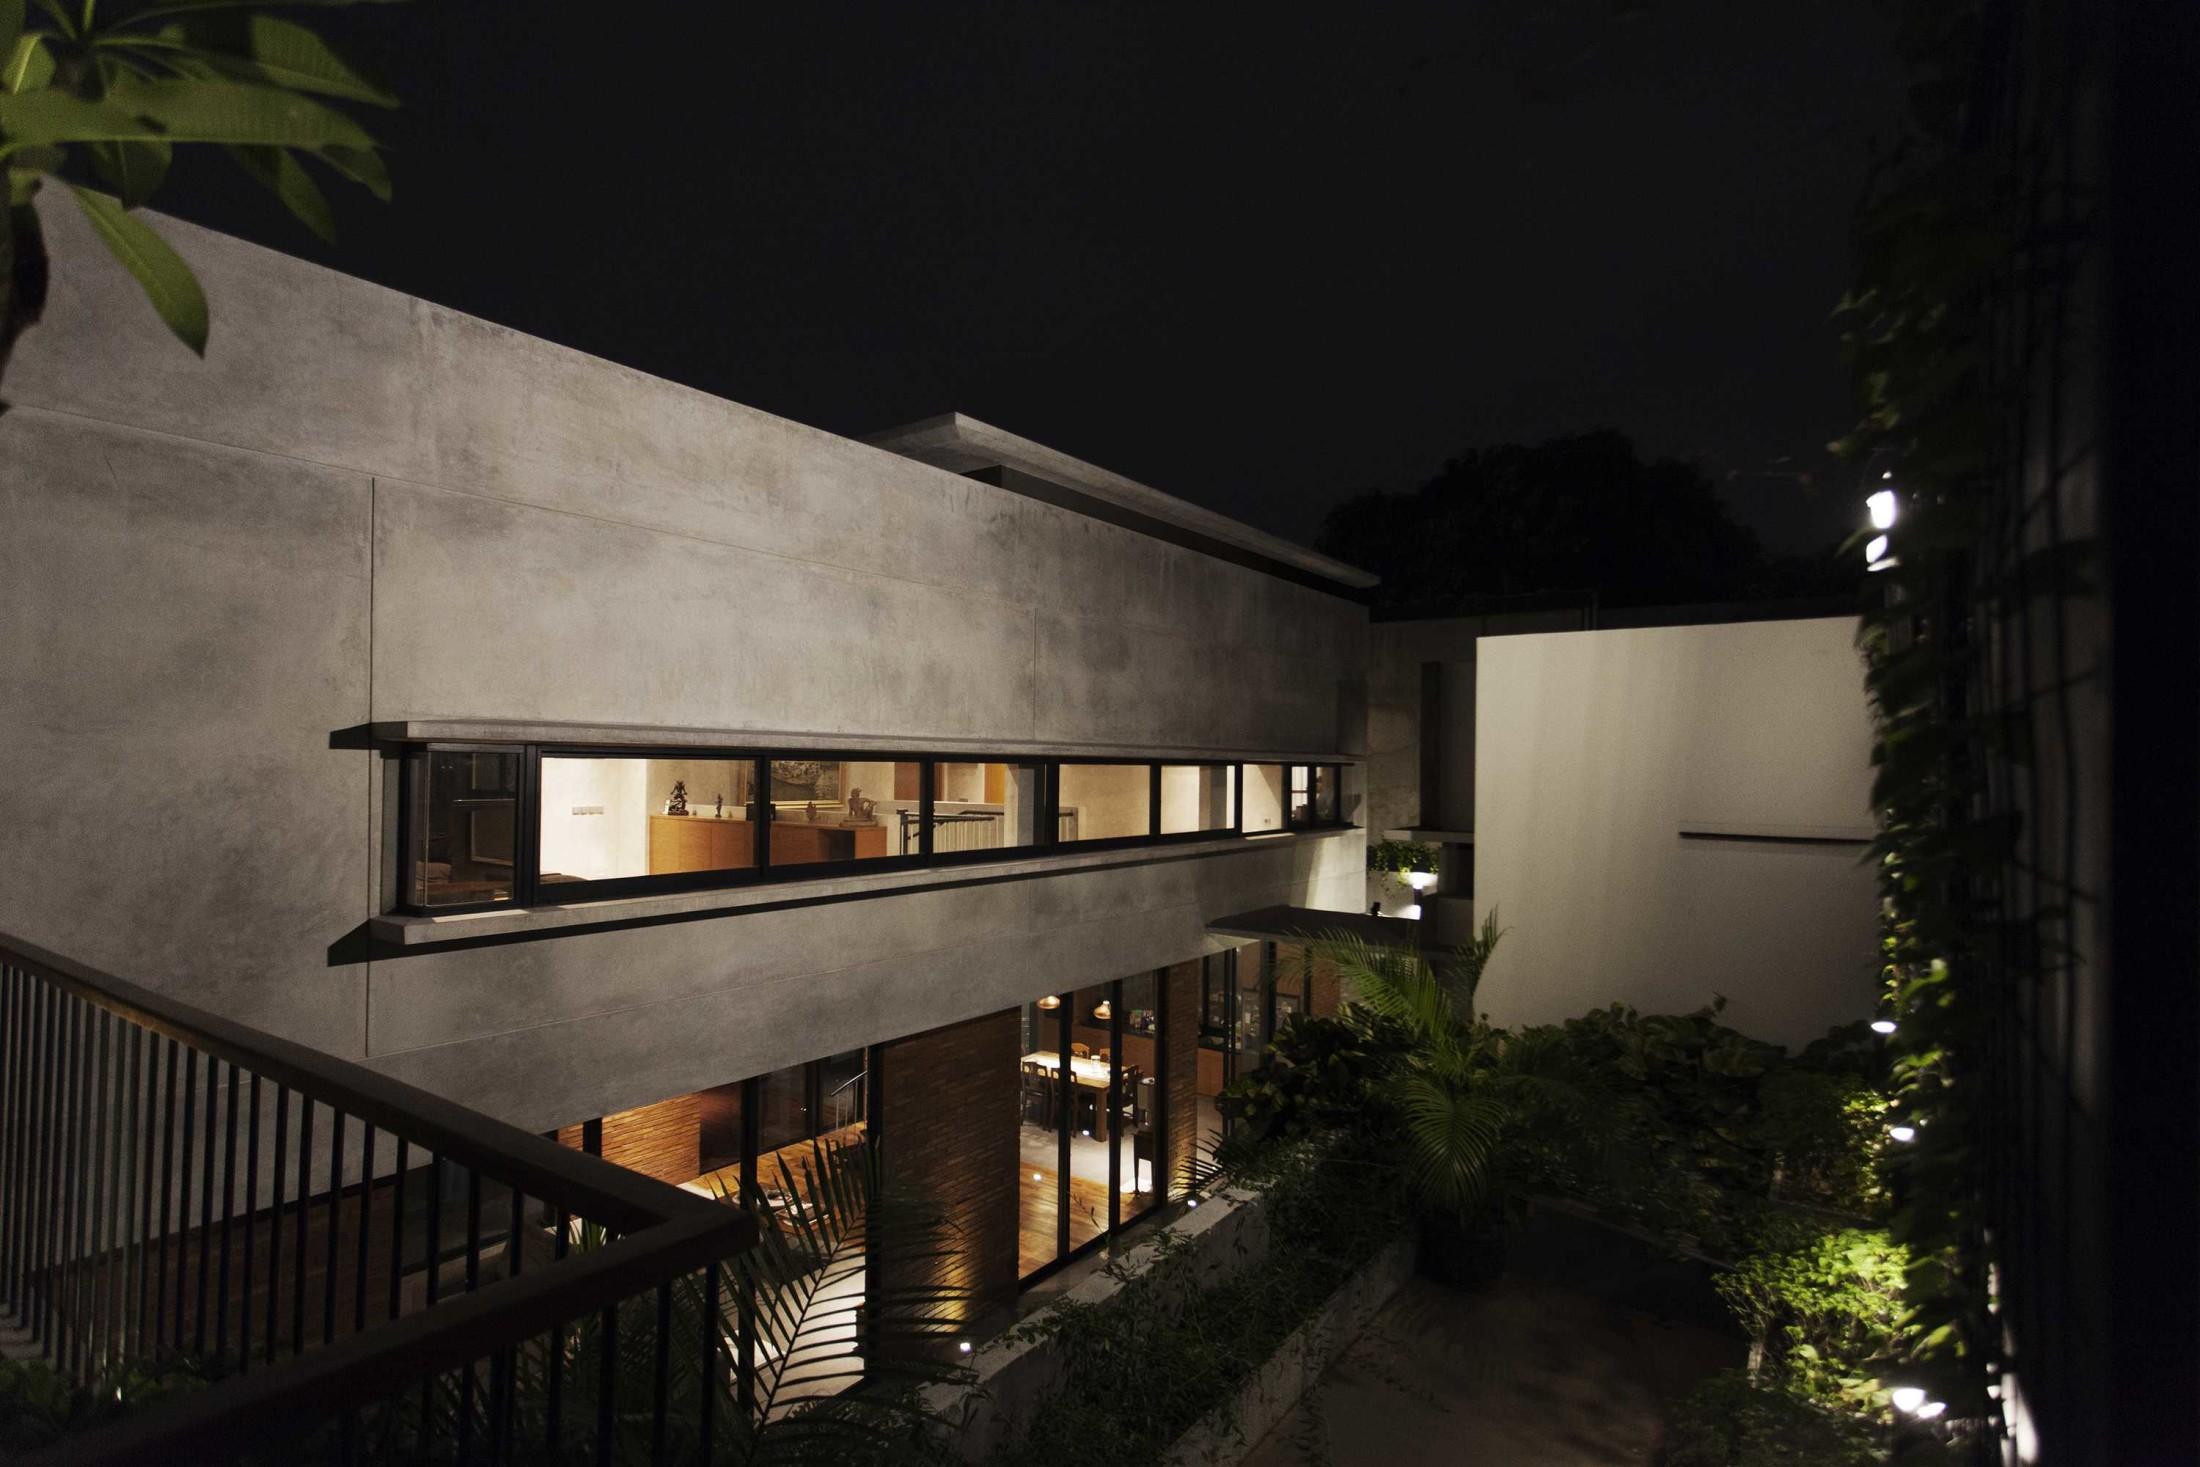 Garis horizontal dan vertikal dipertegas kusen jendela dan garis fasade massa bangunan (Sumber: arsitag.com)